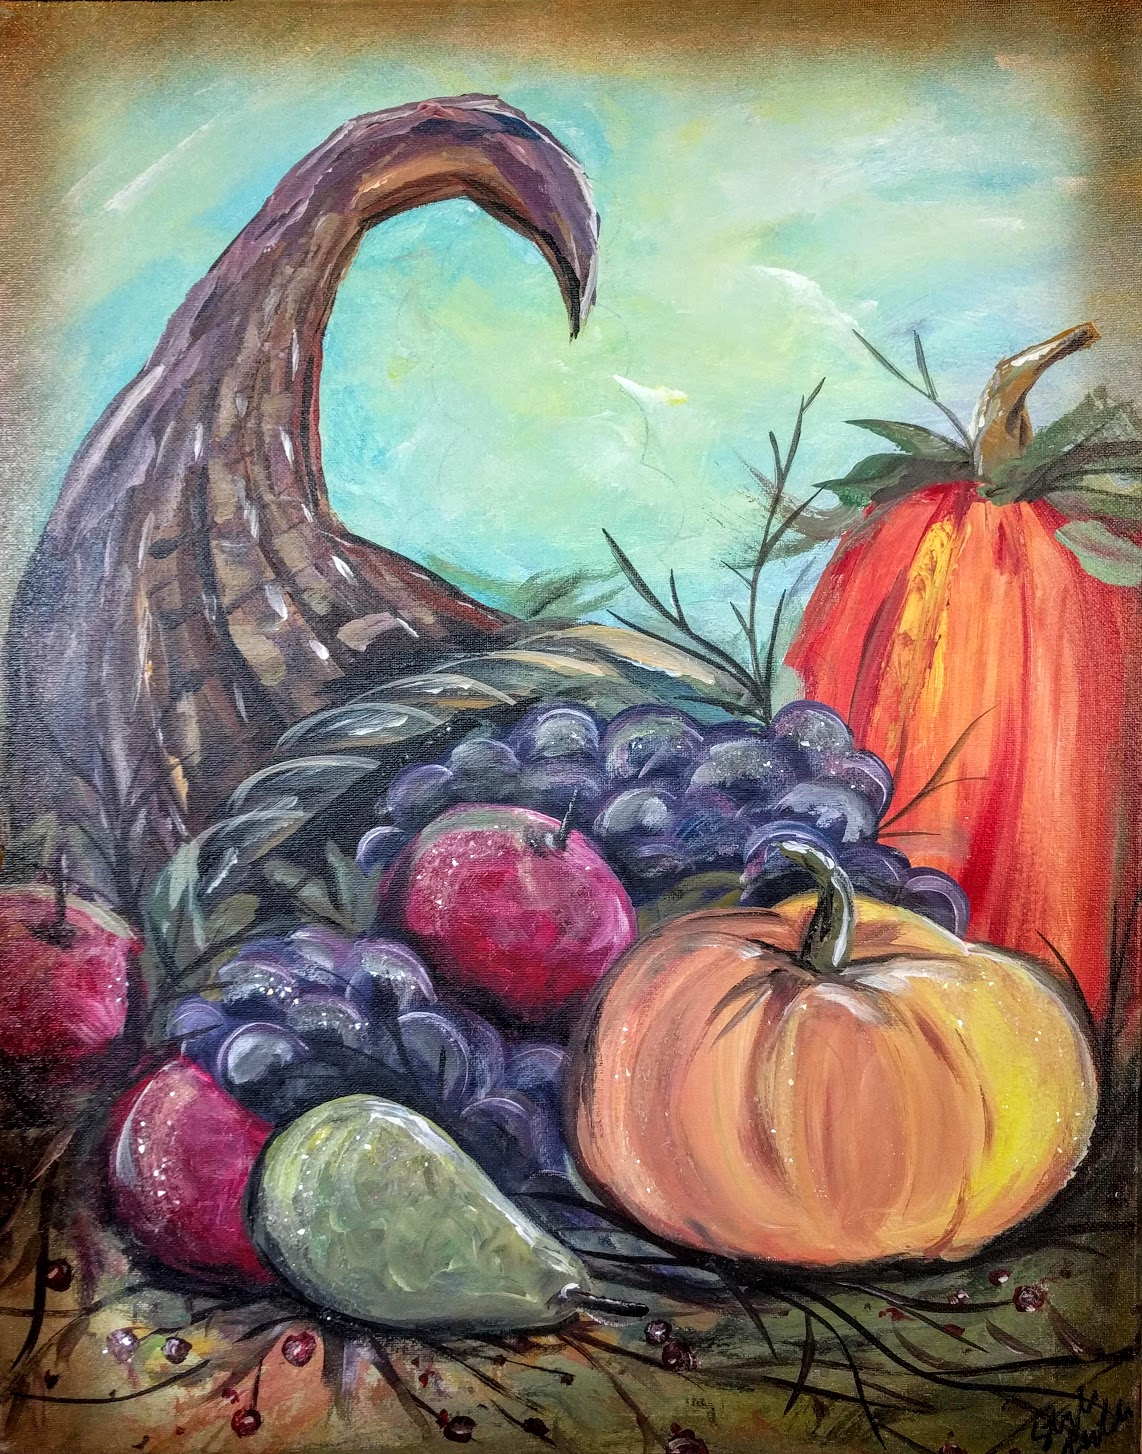 Cornucopia Harvest